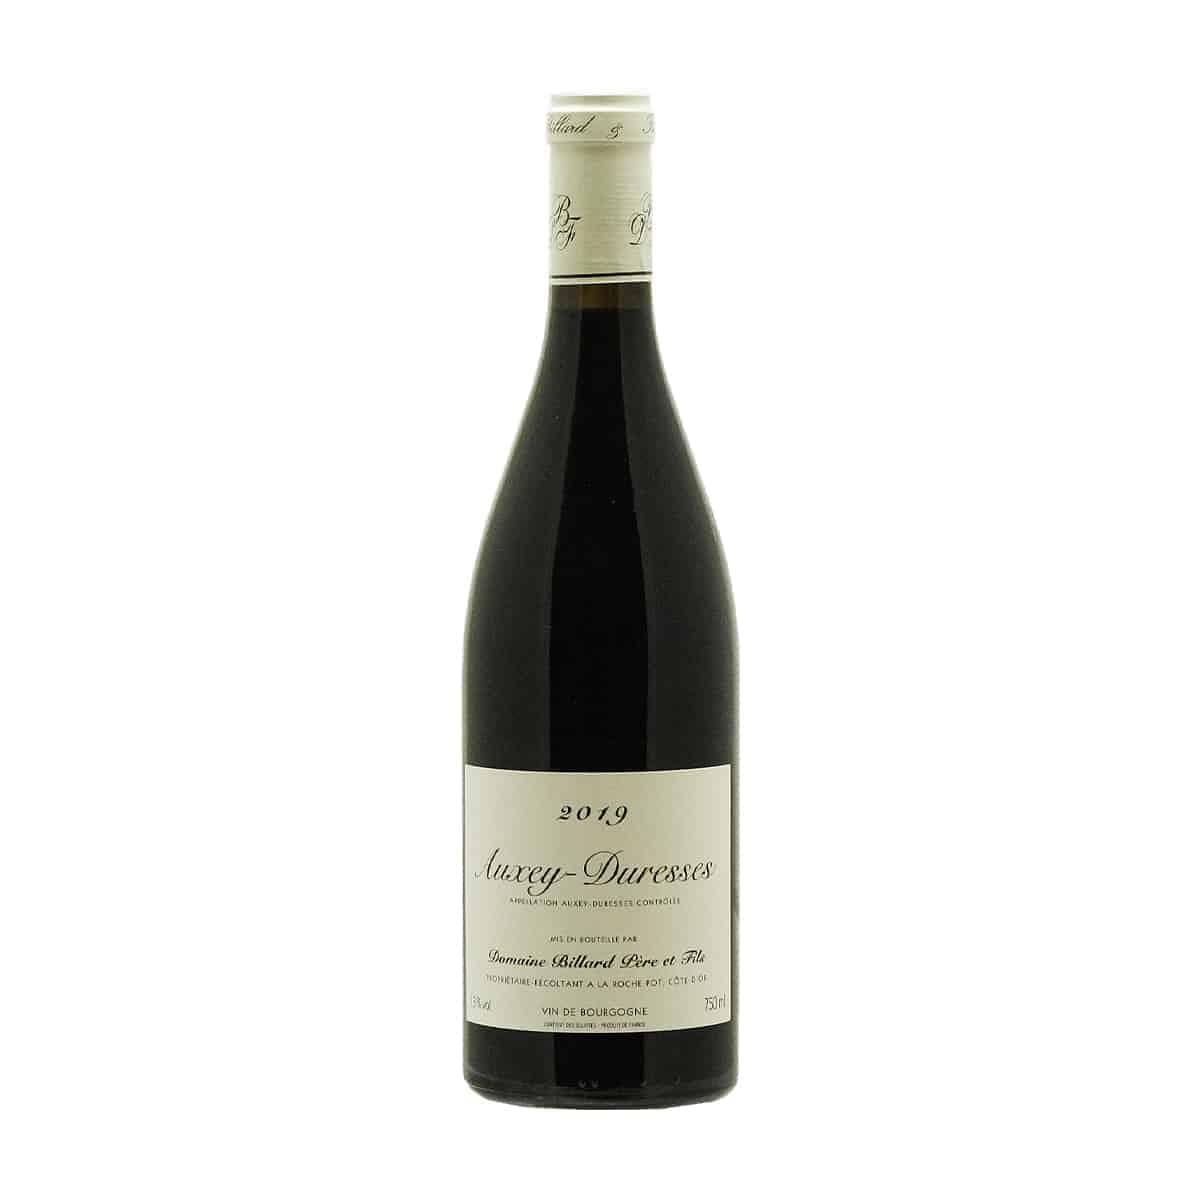 Bourgogne, Auxey-Duresses AOP 2019, Domaine Billard Père et Fils, Frankrijk